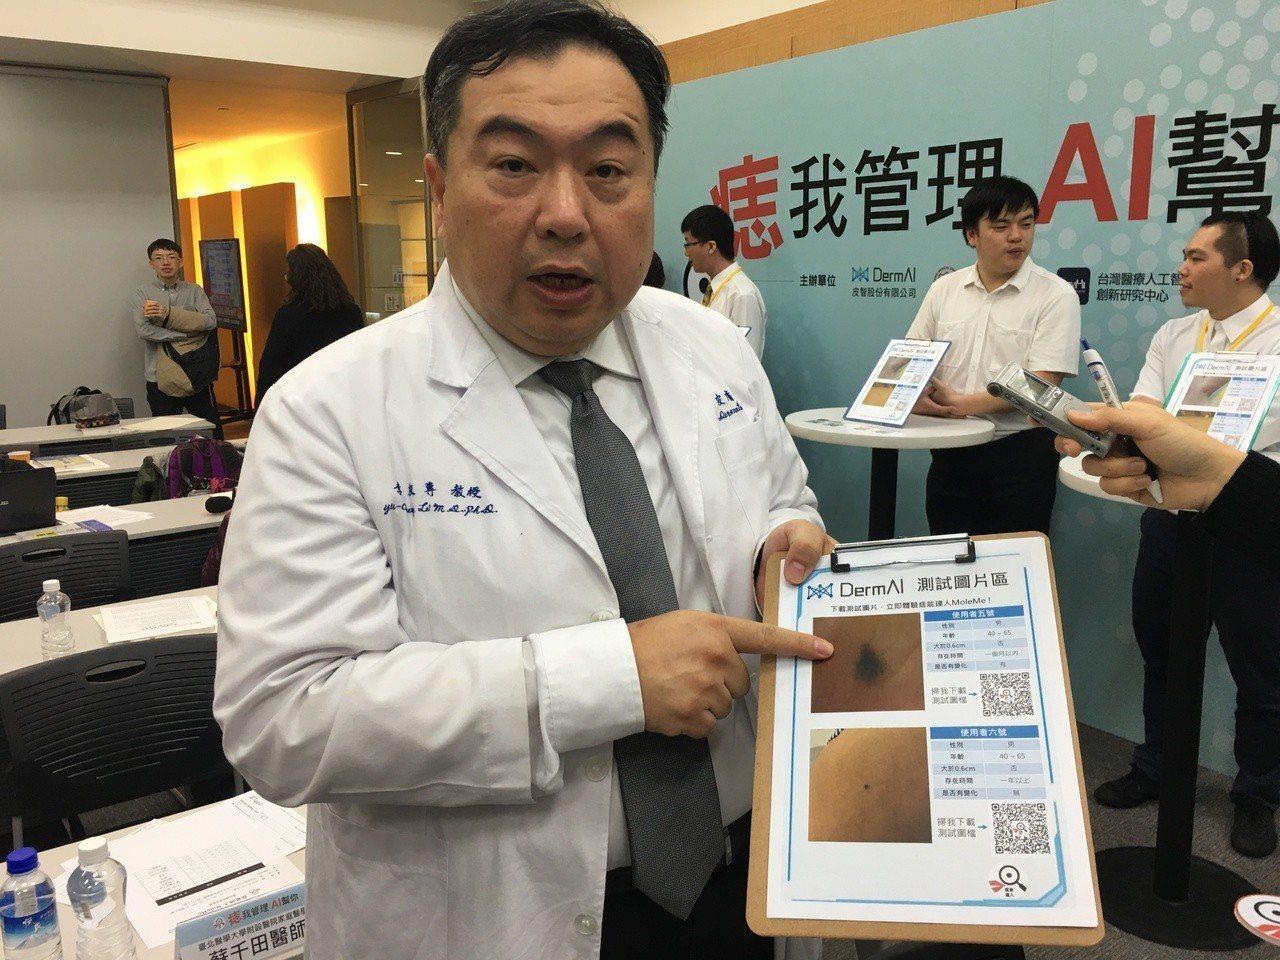 萬芳醫院皮膚科主任李友專說明黑色素瘤。 記者鄧桂芬/攝影